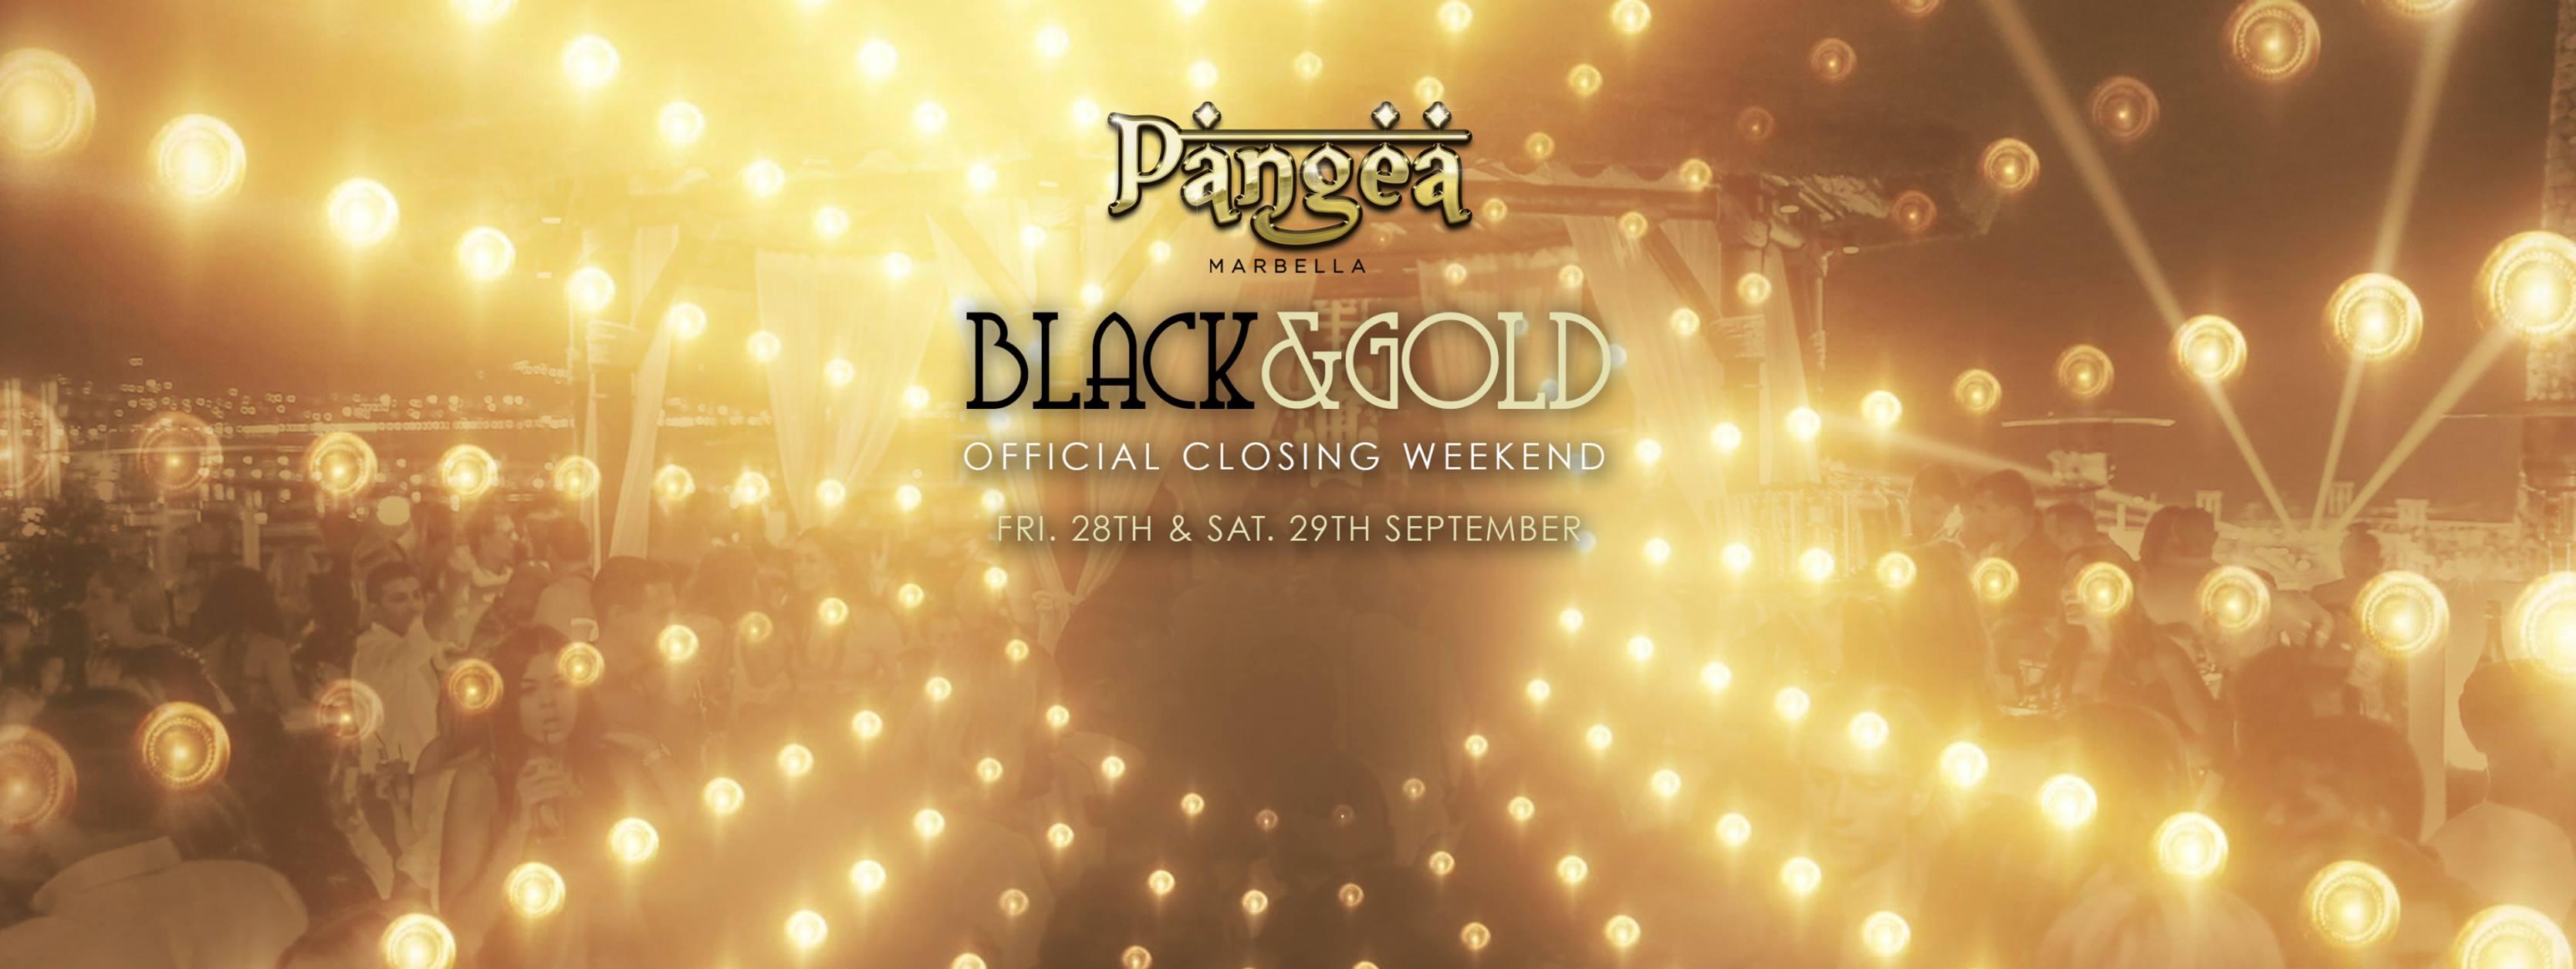 Pangea Black & Gold Summer Closing Weekend